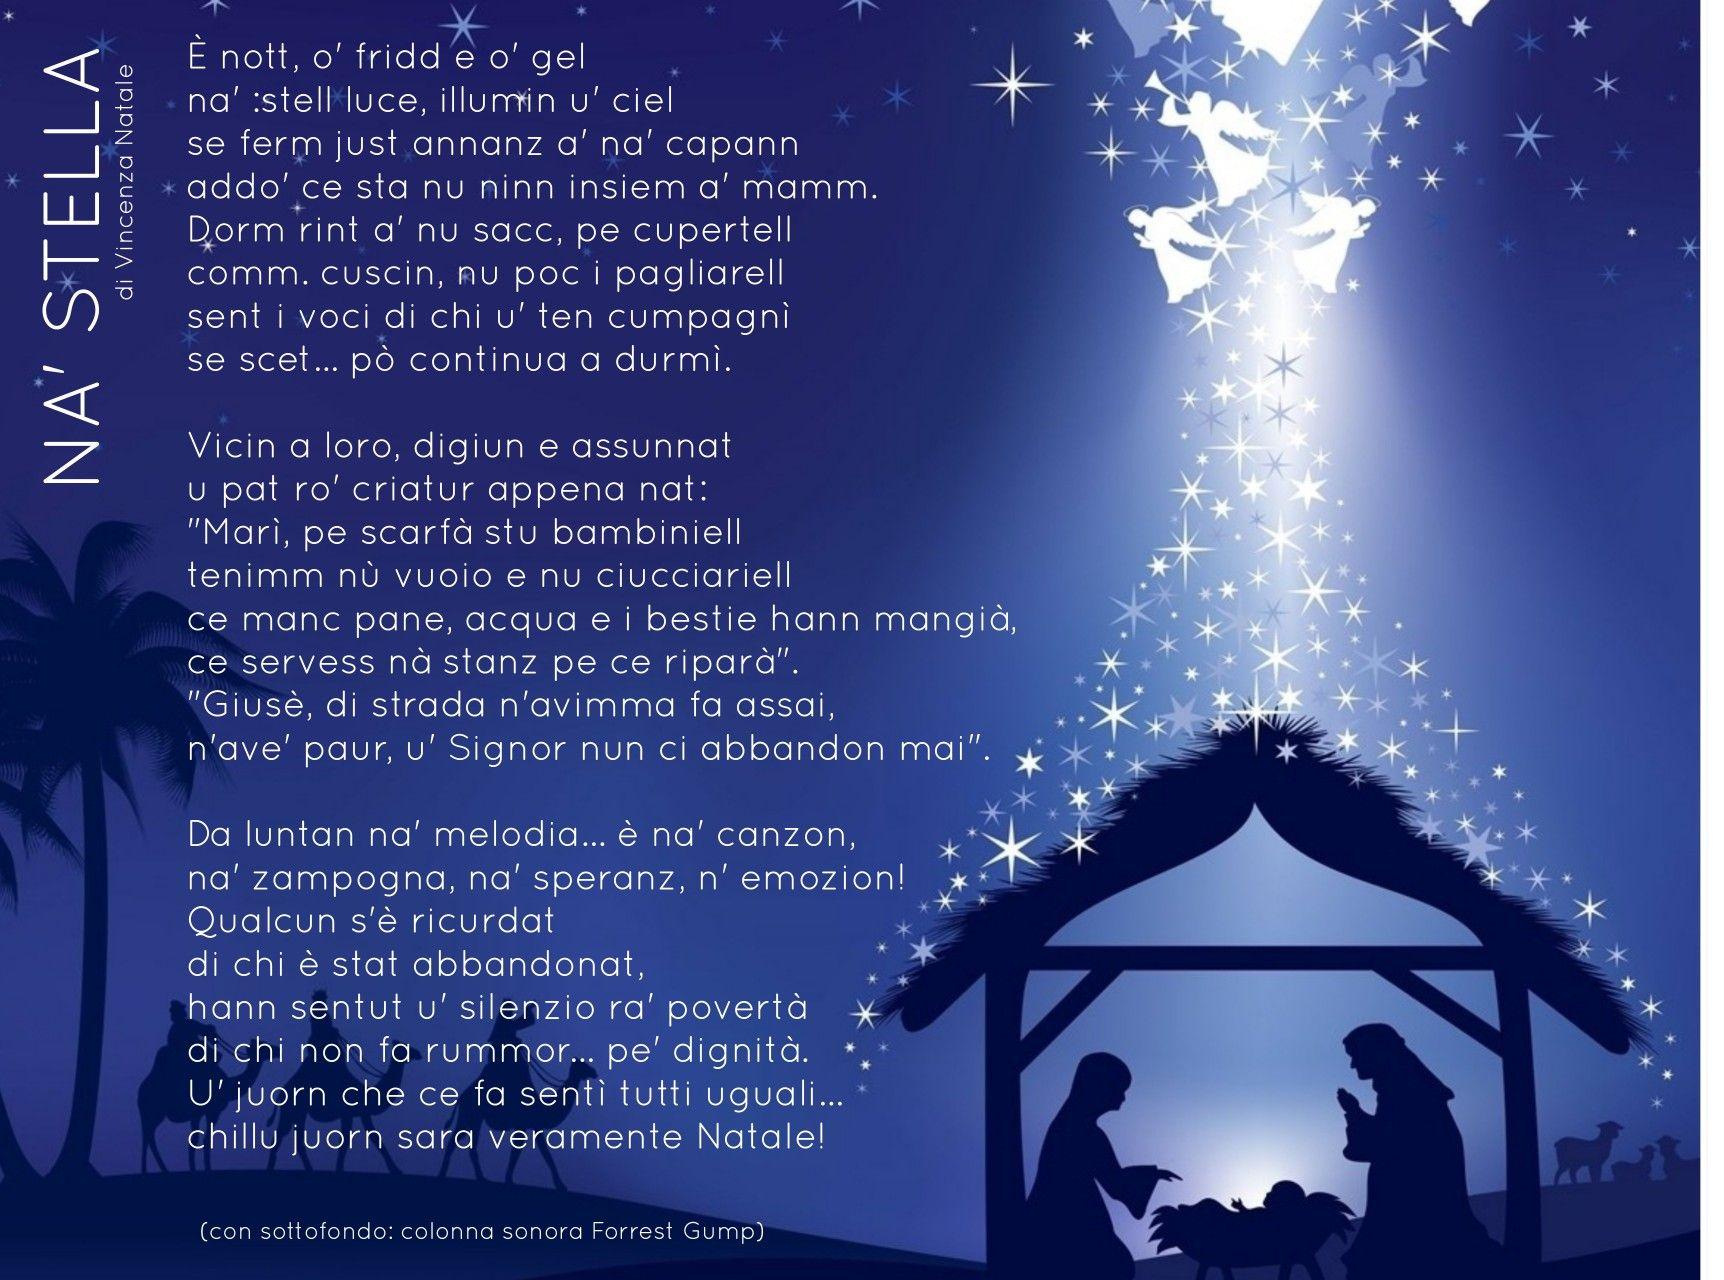 Poesie Di Natale Napoletane Scuola Primaria.Poesia Natale Napoletana Dicembre Natale Natale